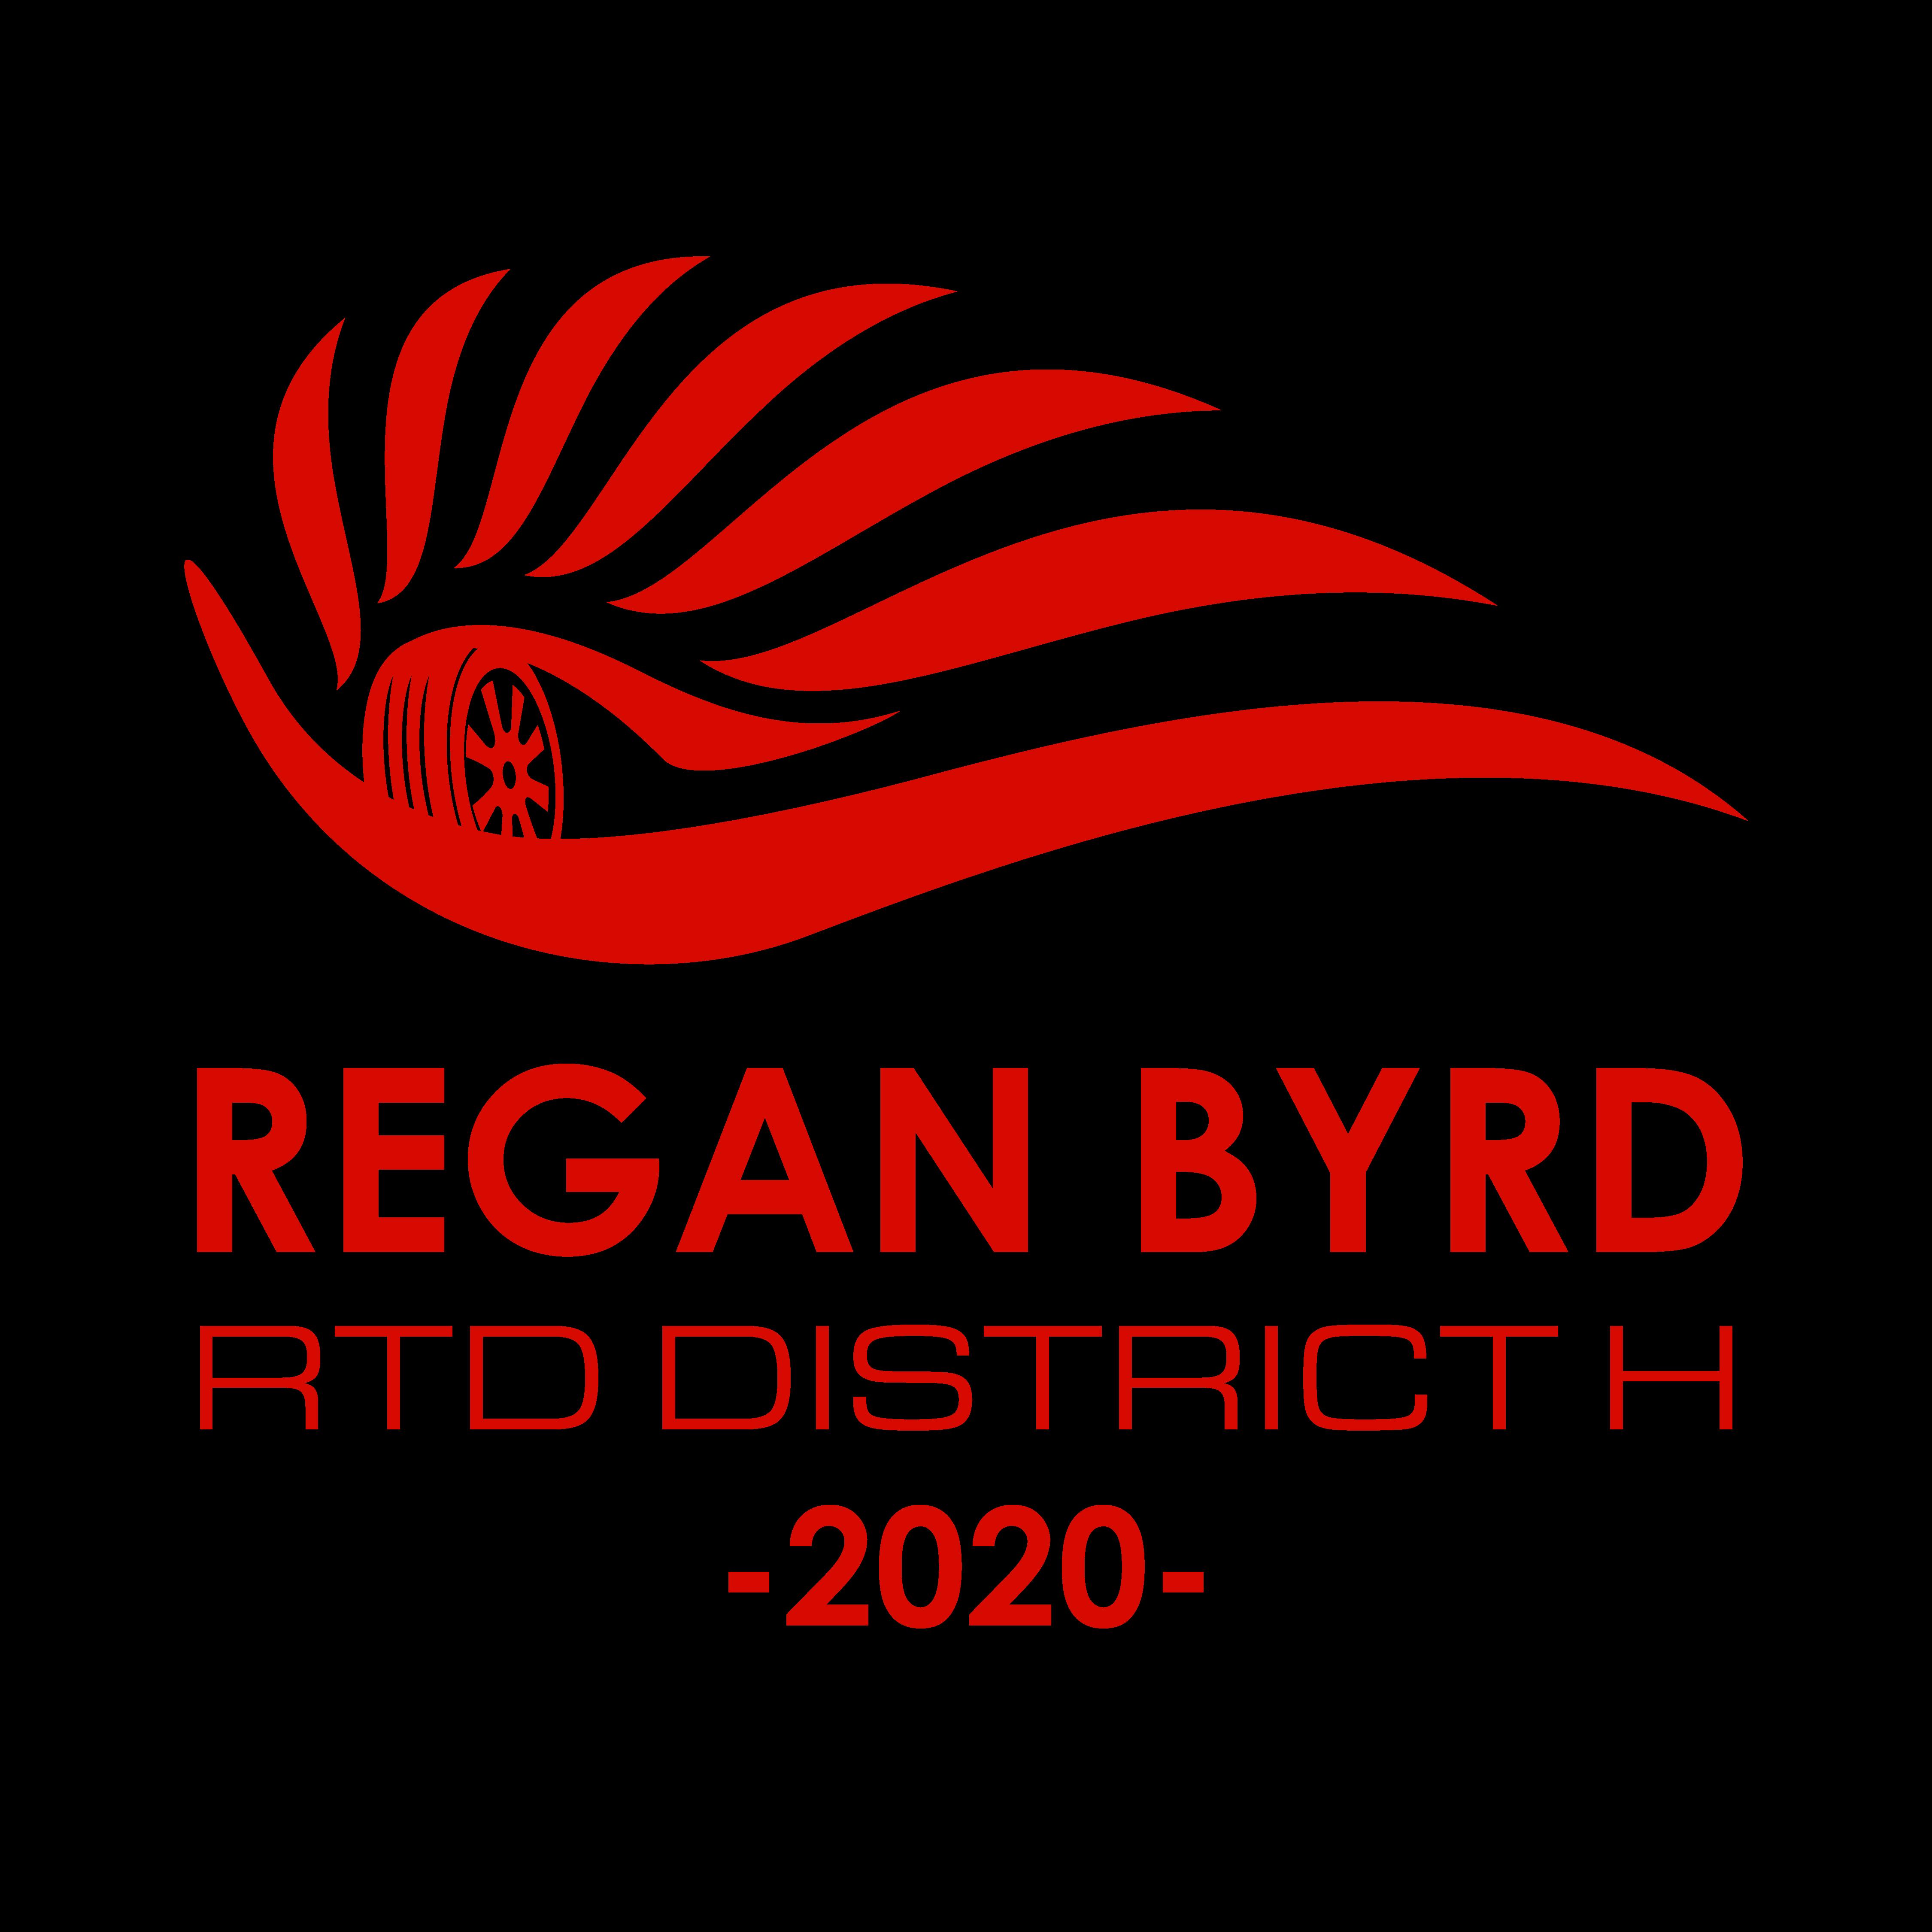 Regan Byrd